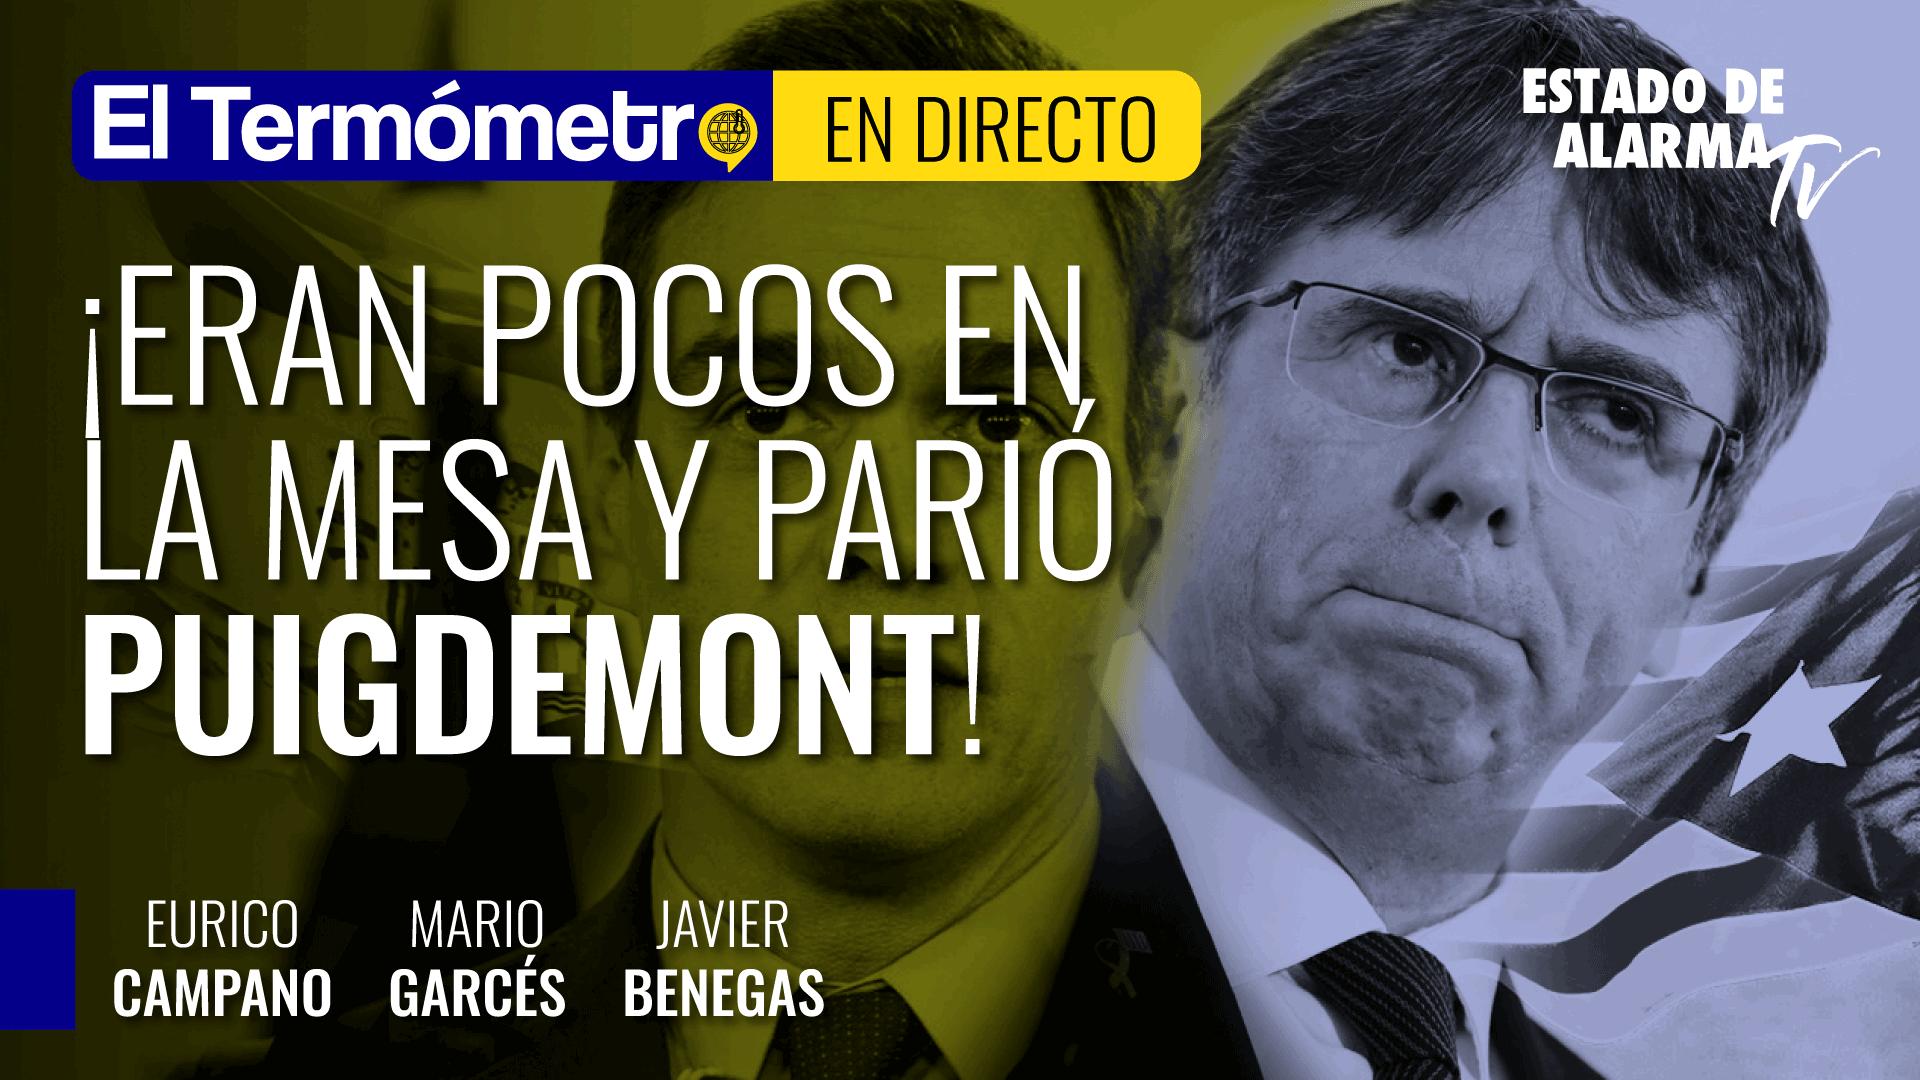 Imagen del video: El Termómetro: ¡Eran pocos en la mesa y parió Puigdemont!